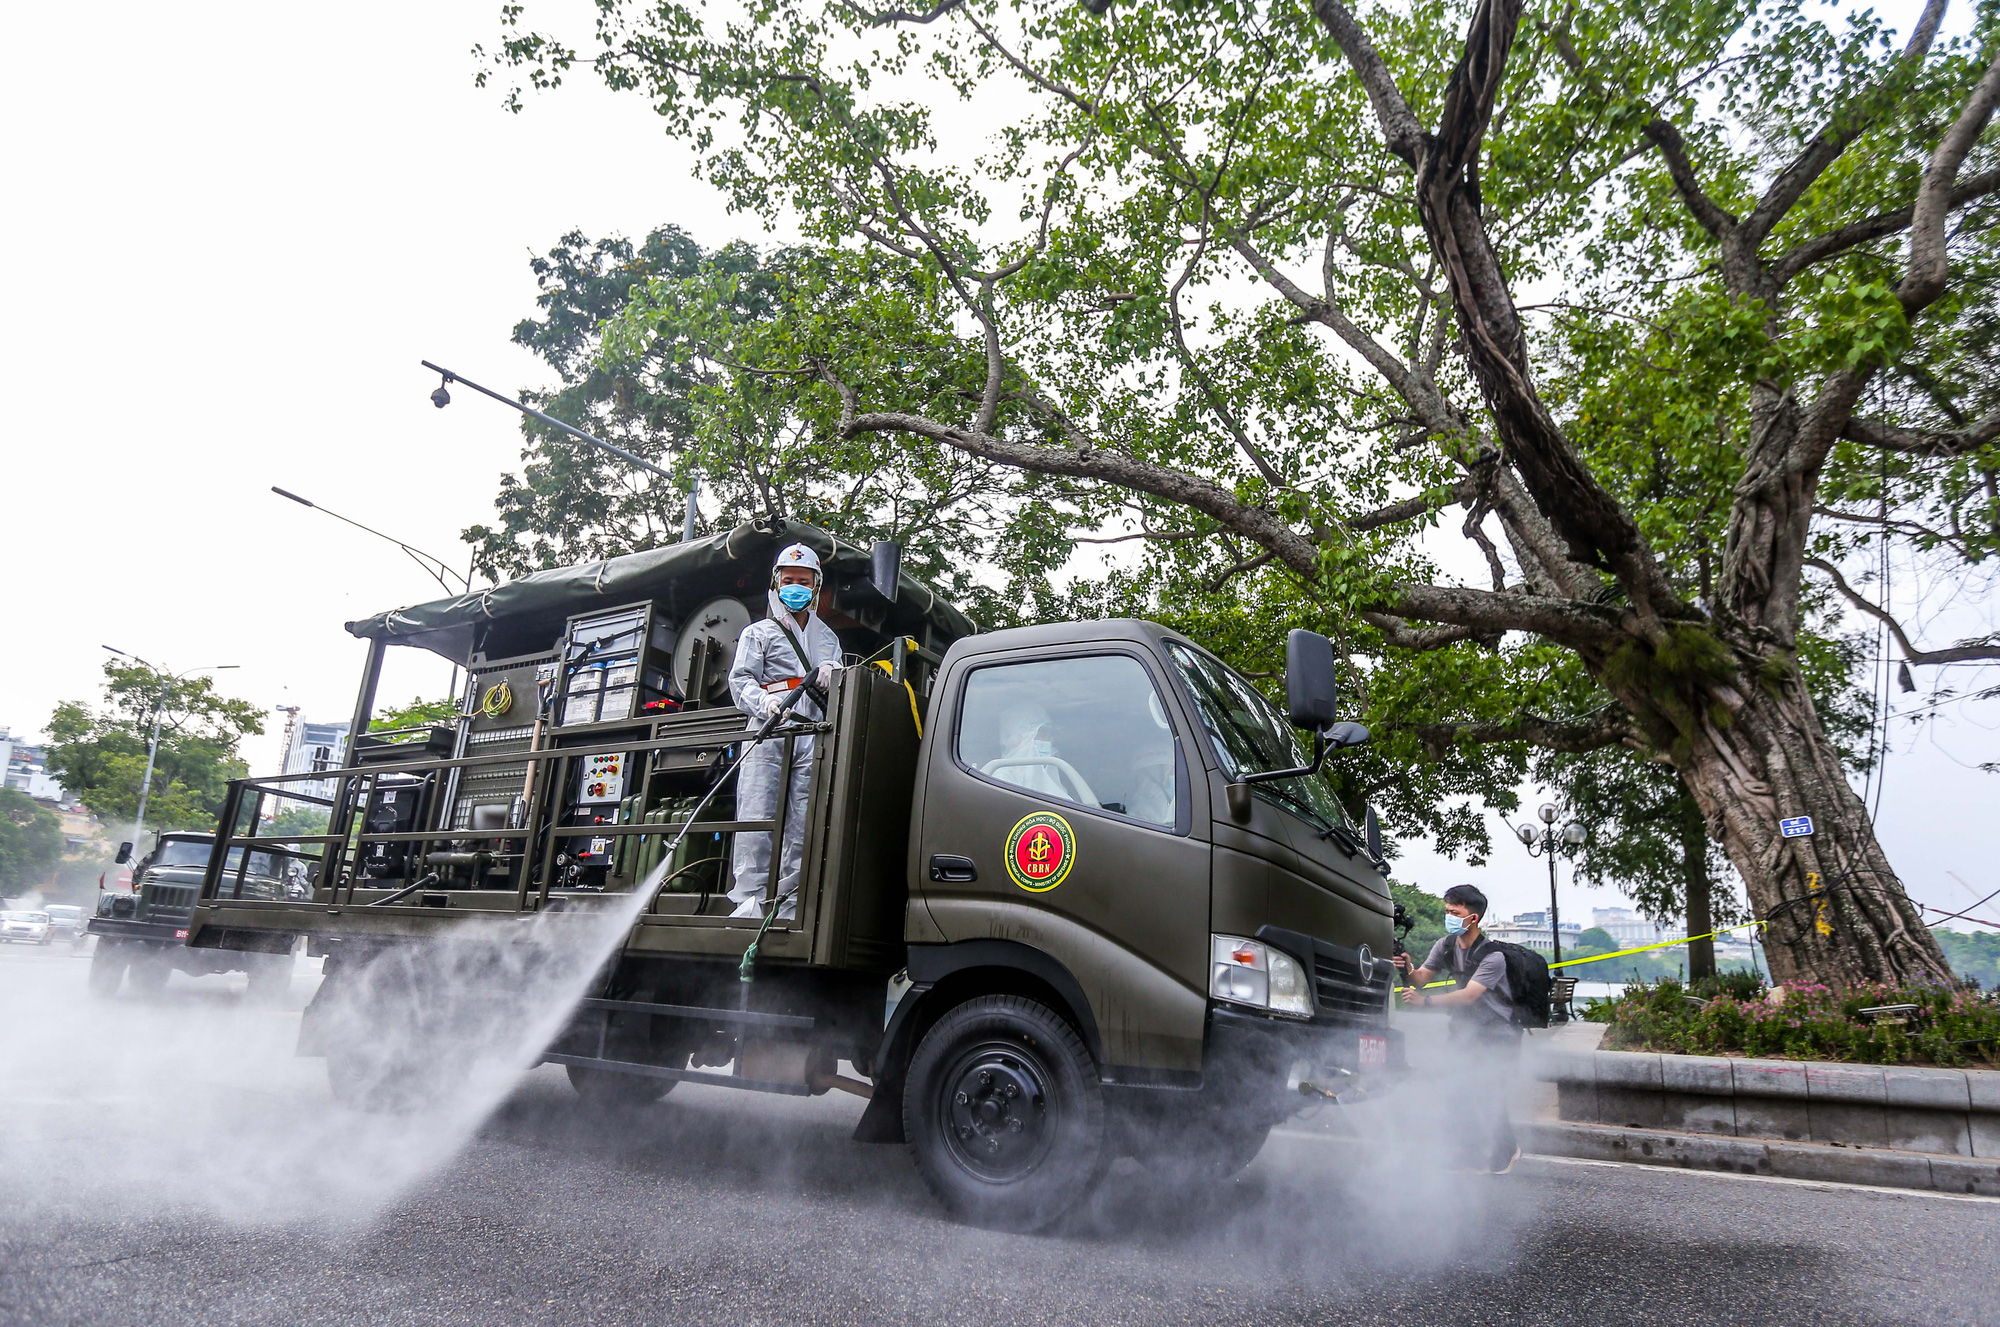 15 xe đặc chủng ra quân phun khử khuẩn ở thành phố Hà Nội - Ảnh 13.